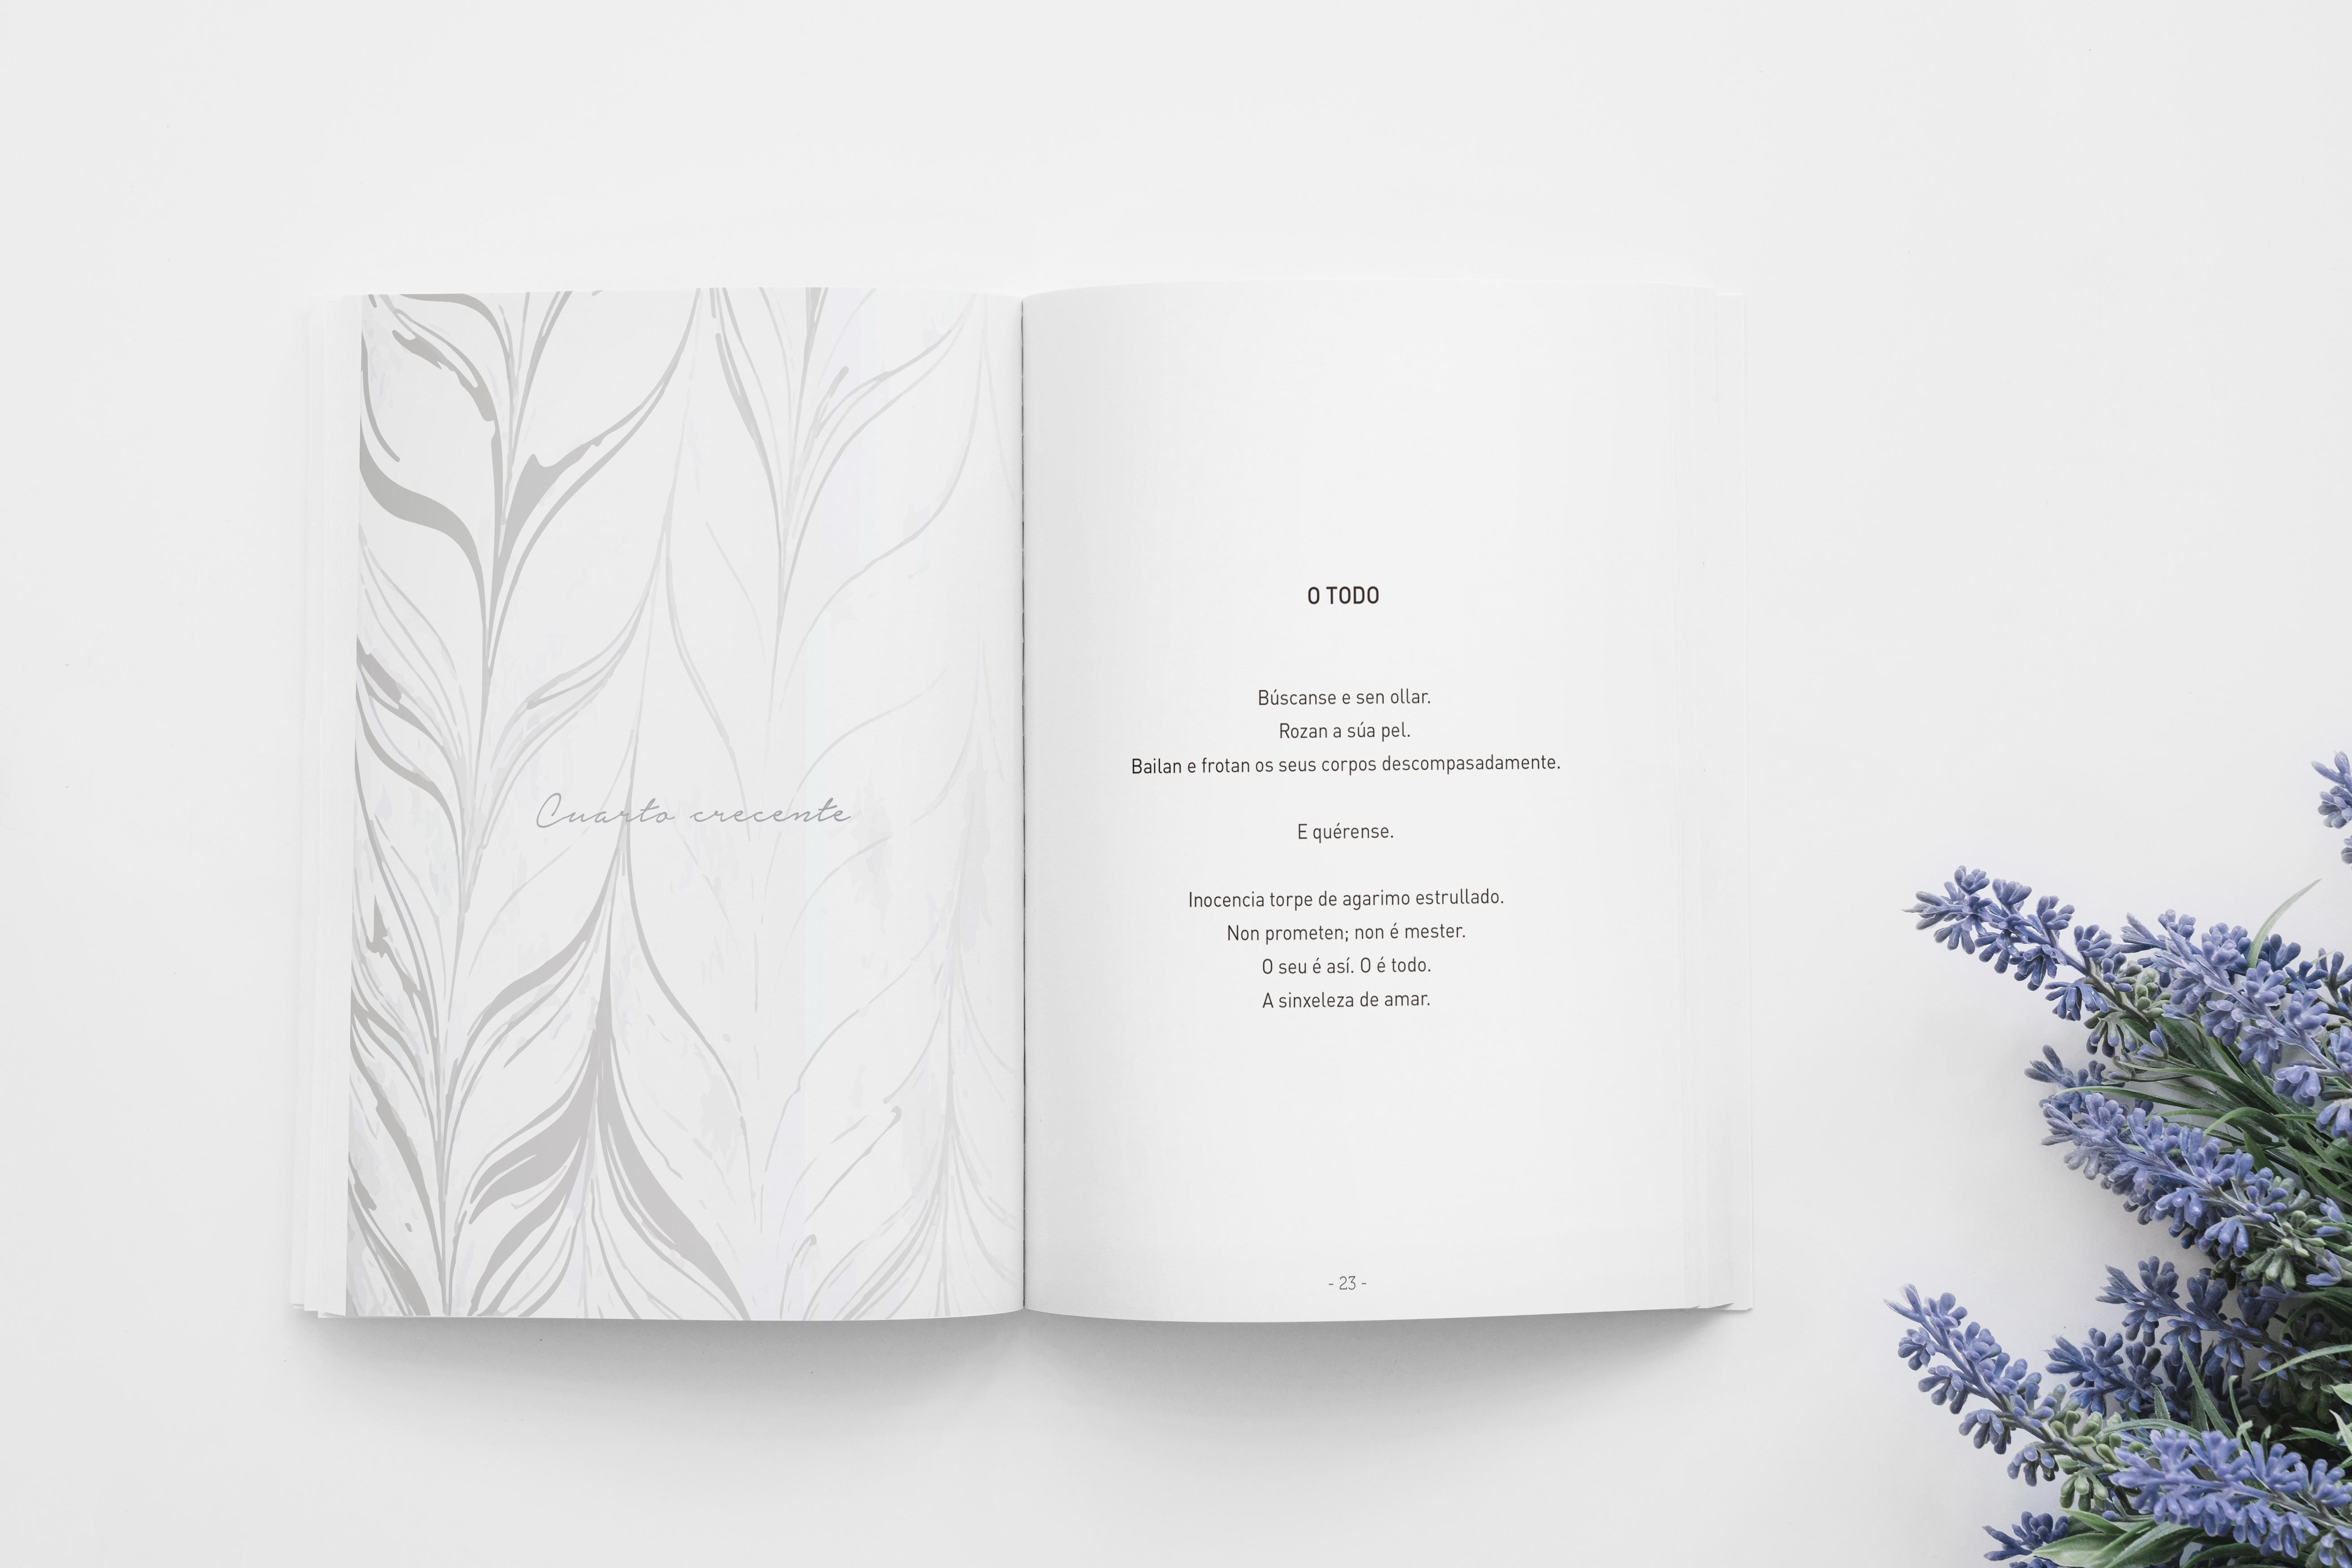 diseño-editorial-maquetación-diseño-gráfico-publicidad-cartelería-identidad-corporativa-xaniño-coruña-revistas-poemario